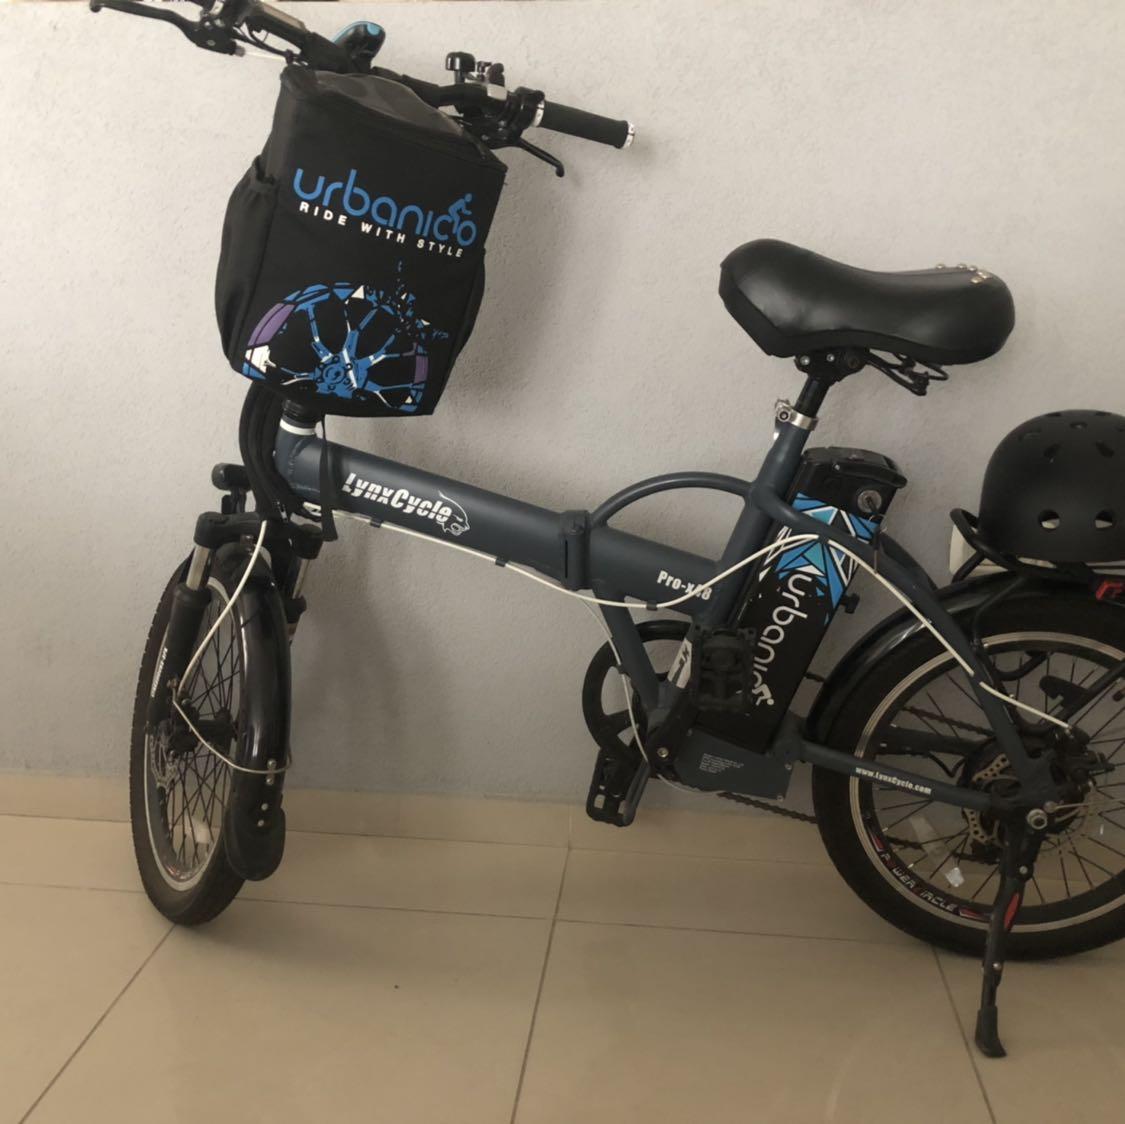 אופניים-למכירה-במצב-טוב-שמורות-כמו-חדשות. - יד 2